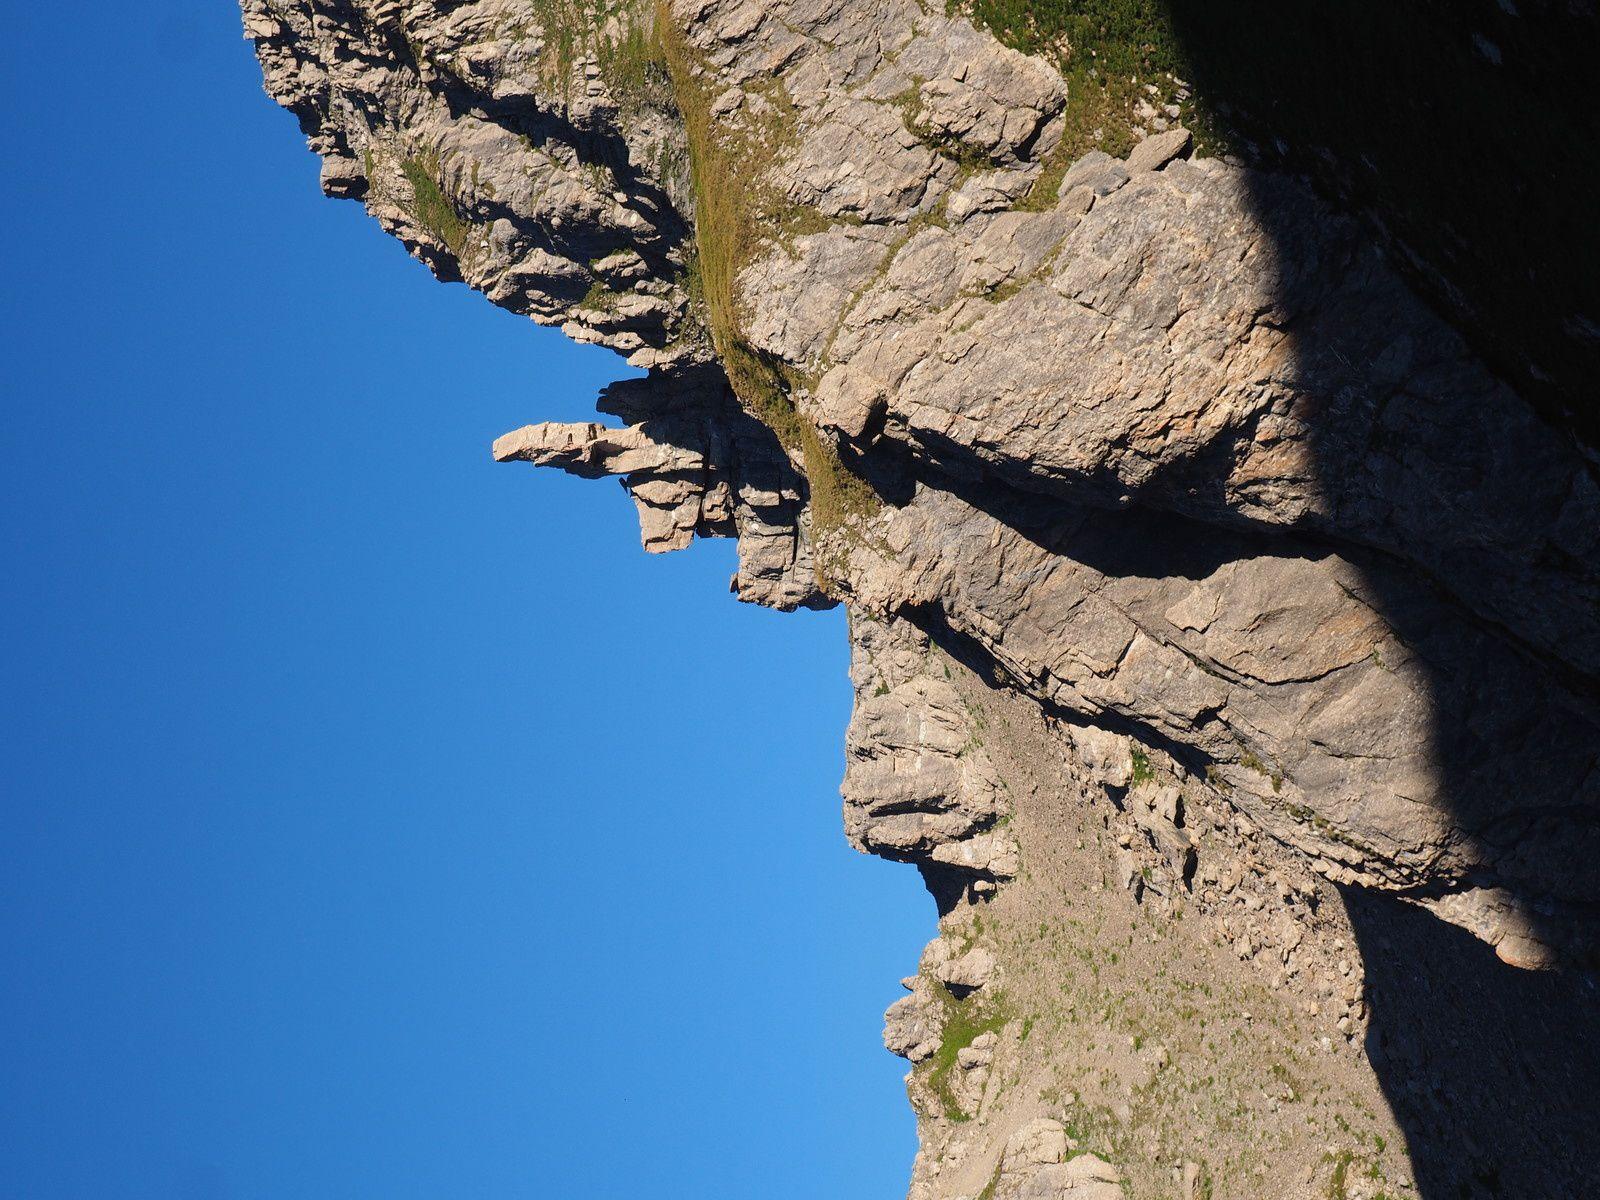 Étranges rochers.